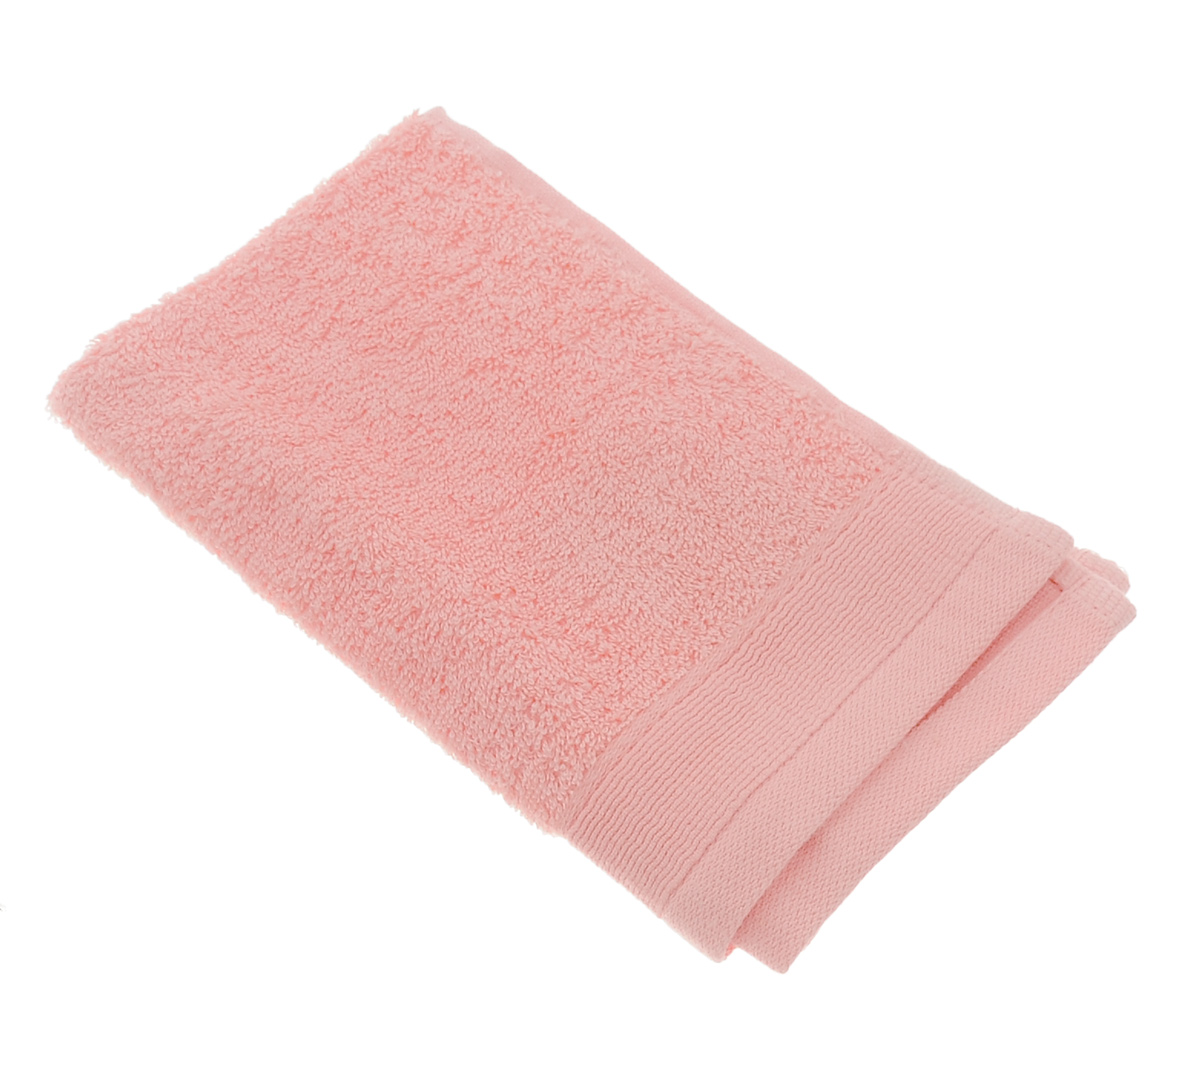 Полотенце махровое Guten Morgen, цвет: персиковый, 30 х 50 смCLP446Махровое полотенце Guten Morgen, изготовленное из натурального хлопка, прекрасно впитывает влагу и быстро сохнет. Высокая плотность ткани делает полотенце мягкими, прочными и пушистыми. При соблюдении рекомендаций по уходу изделие сохраняет яркость цвета и не теряет форму даже после многократных стирок. Махровое полотенце Guten Morgen станет достойным выбором для вас и приятным подарком для ваших близких. Мягкость и высокое качество материала, из которого изготовлено полотенце, не оставит вас равнодушными.